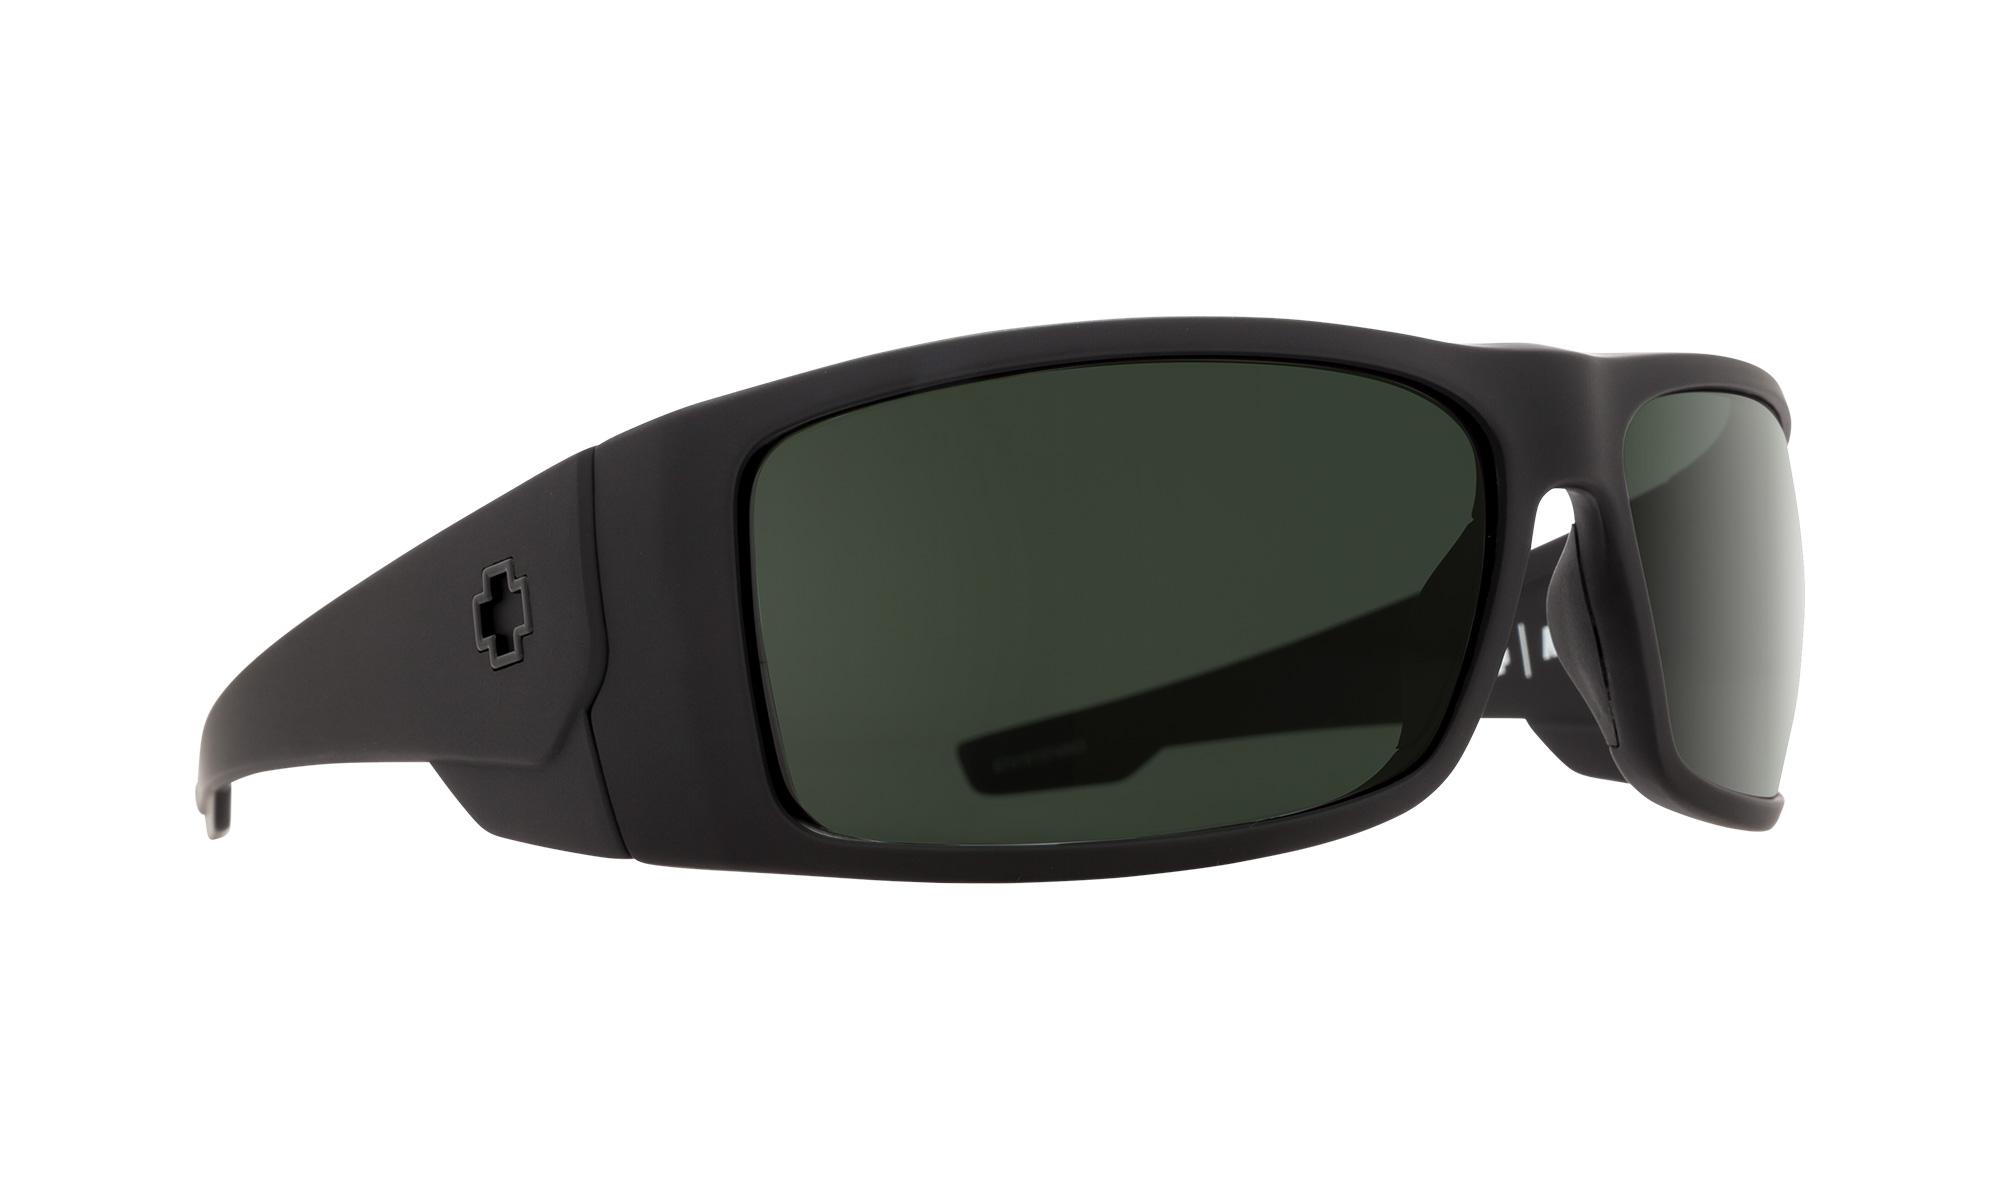 79e6a4fcac Spy Optic Konvoy Sunglasses